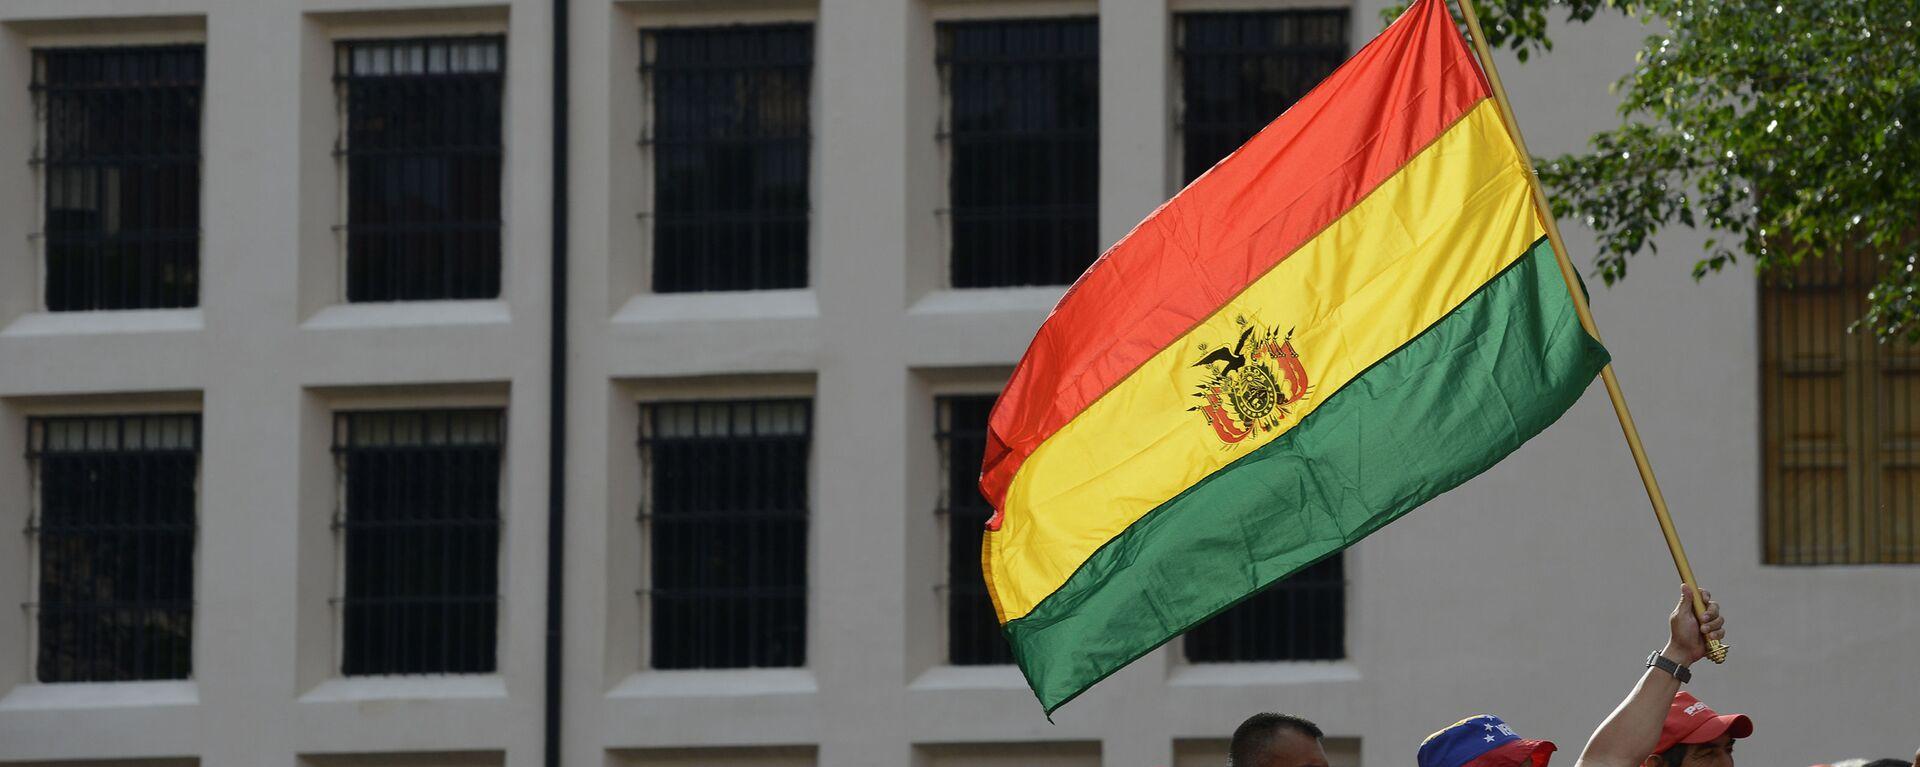 Bandera de Bolivia - Sputnik Mundo, 1920, 04.02.2021